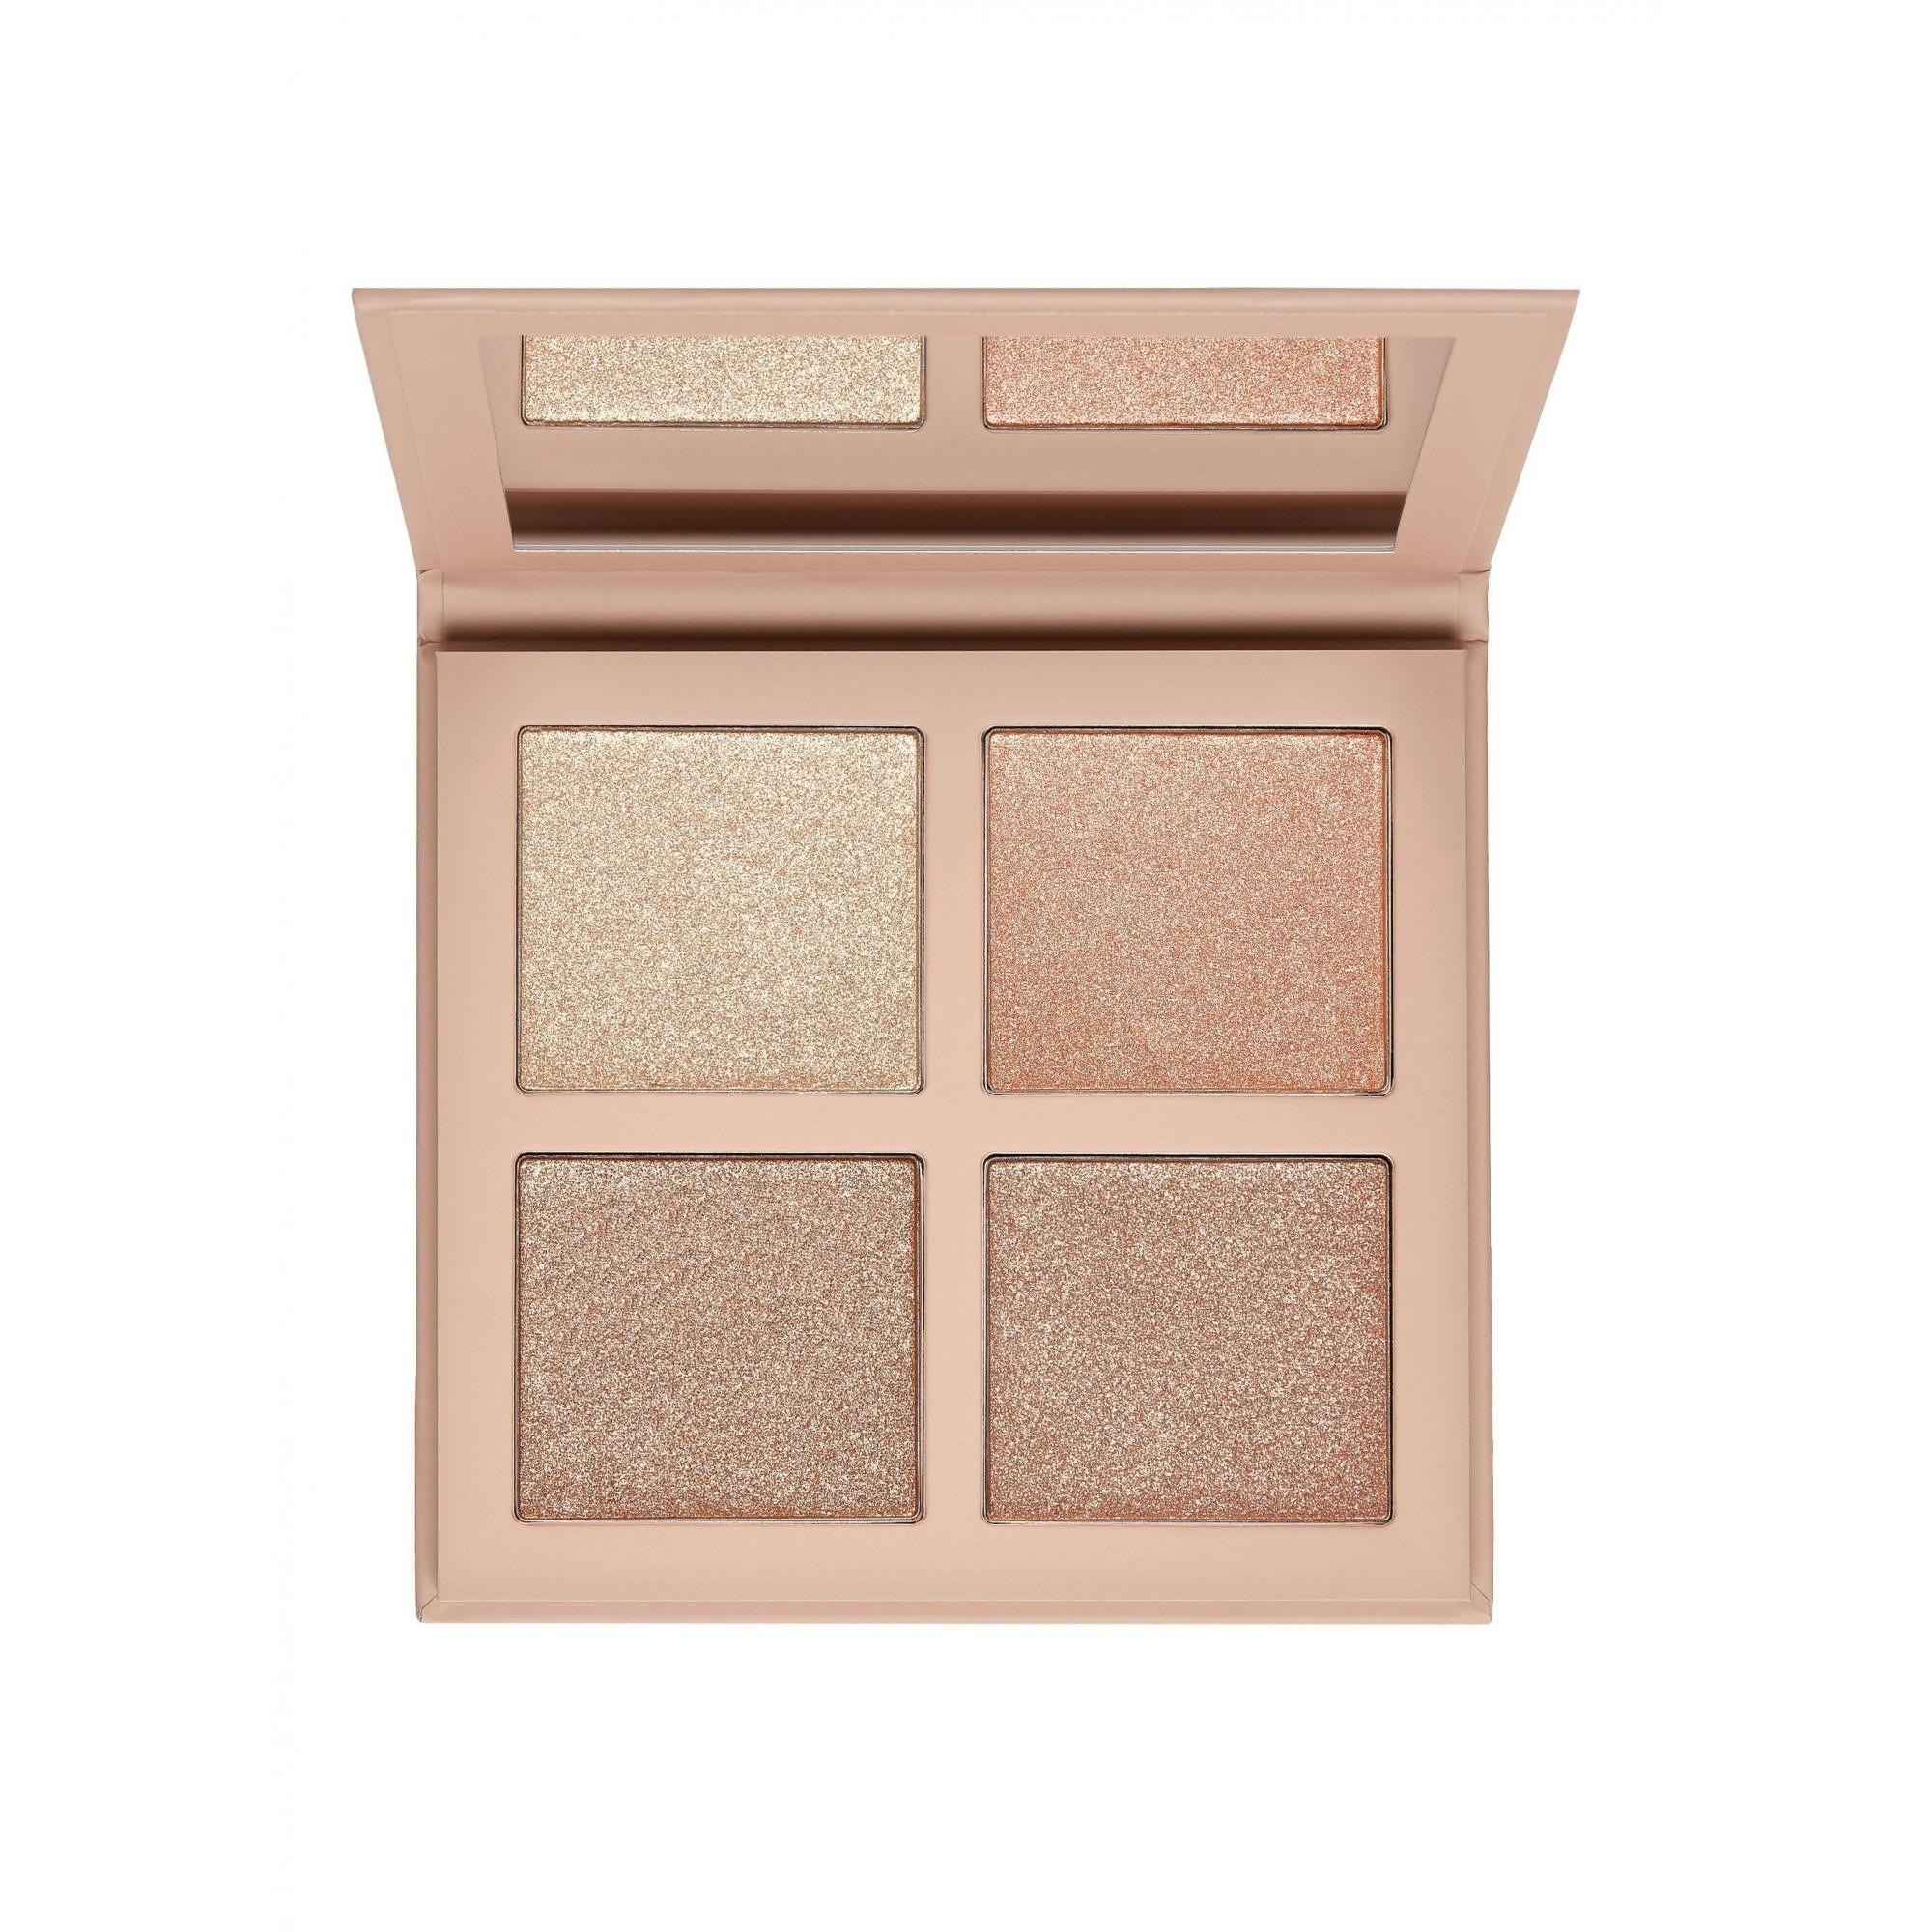 KKW Beauty Highlighter Palette II